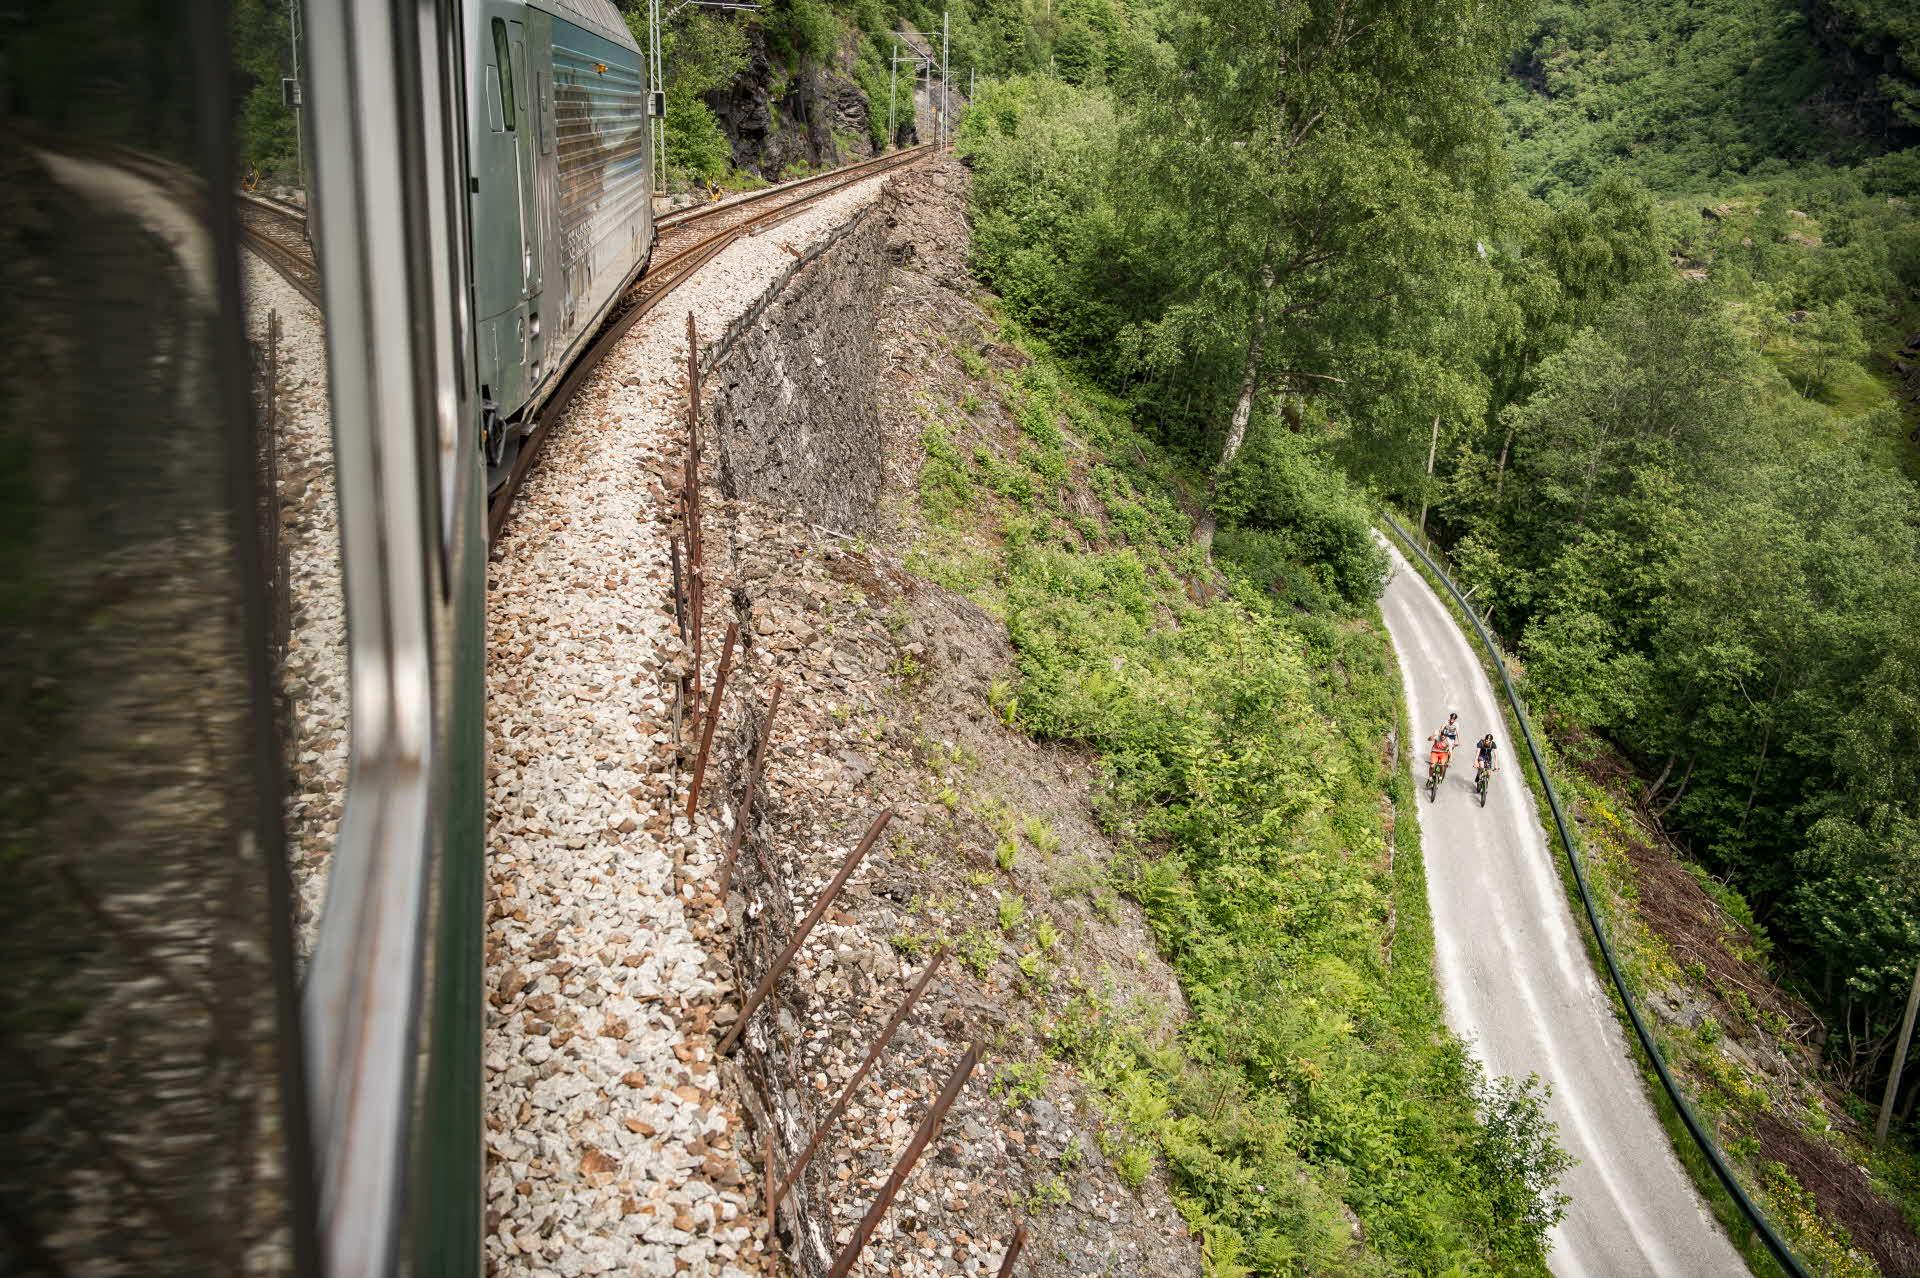 从一列列车的车窗看到的弗洛姆铁道的侧面,在下面的工人之路有两个骑自行车的人